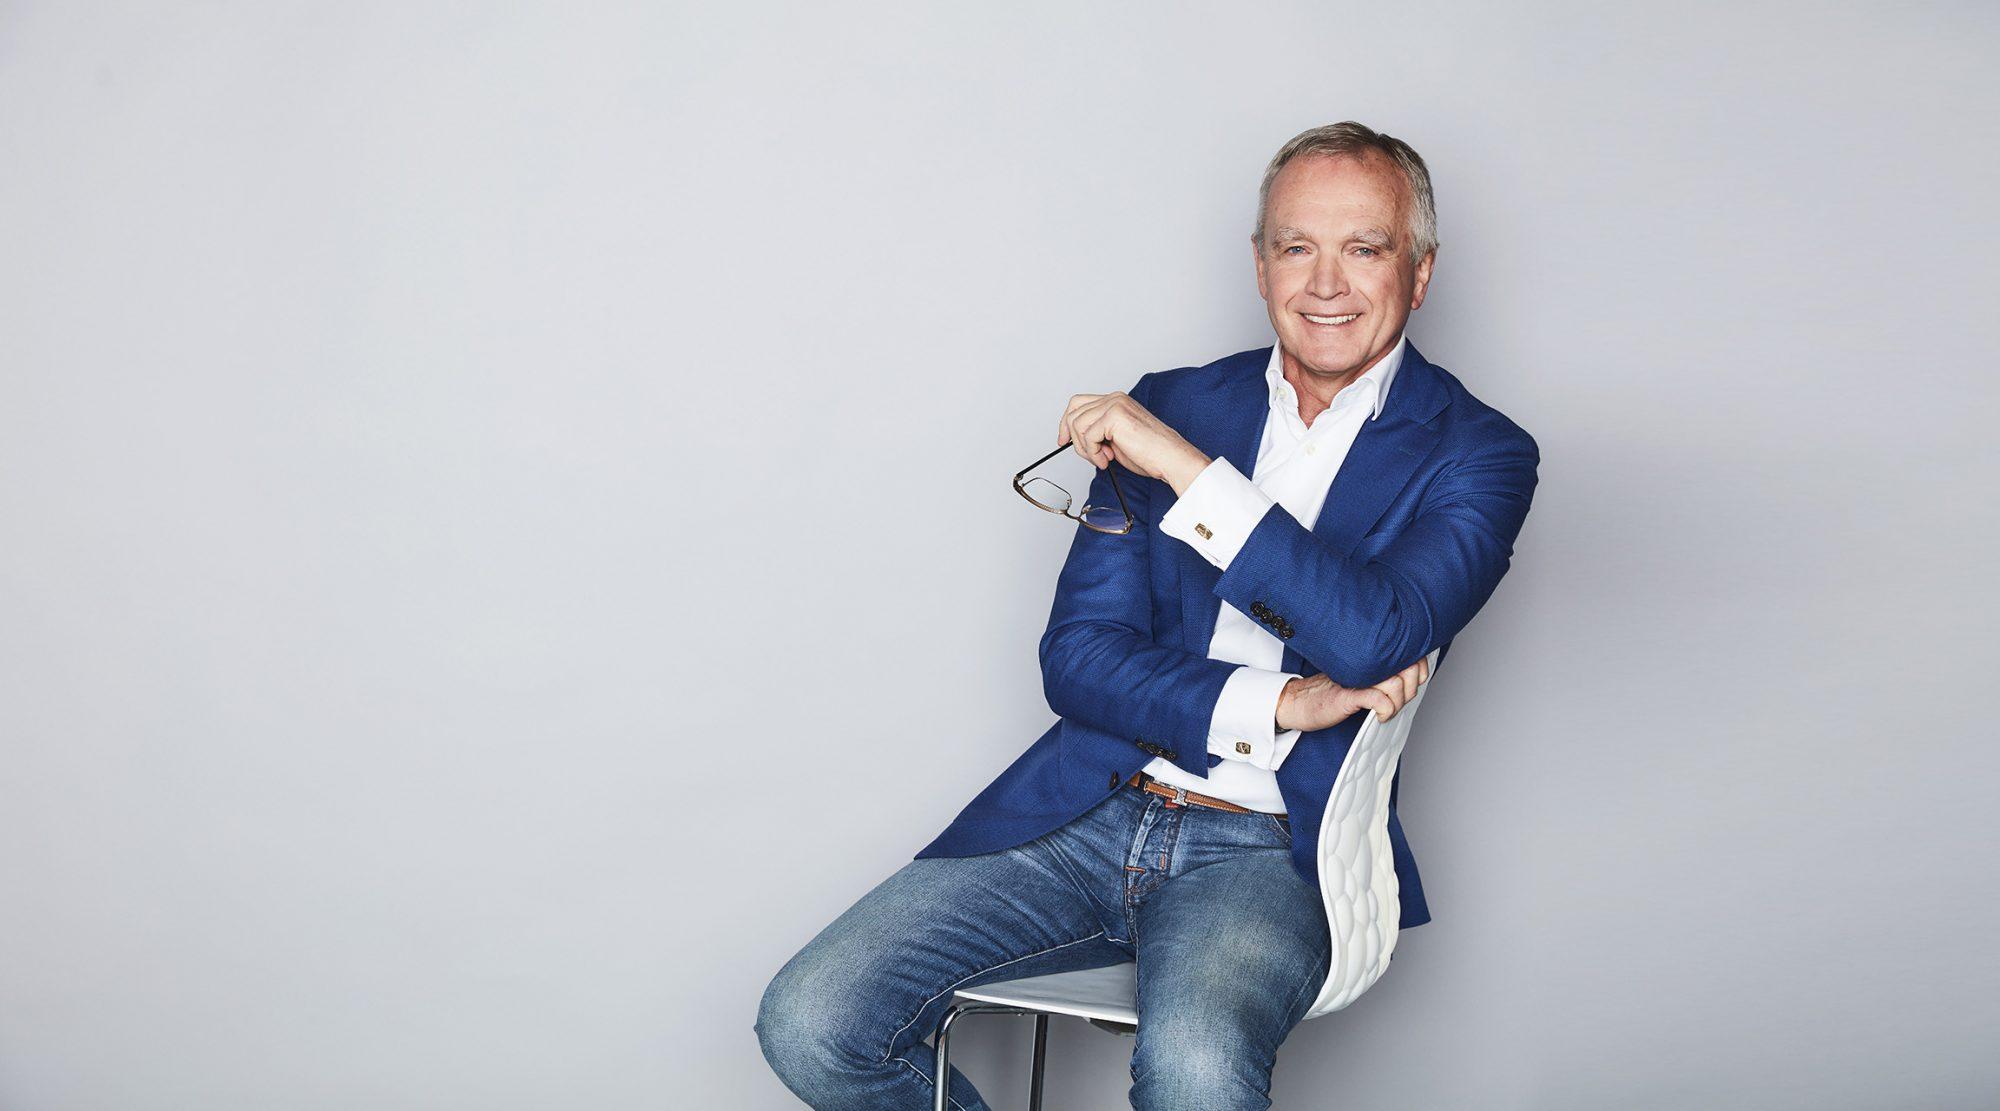 Karel Verhagen